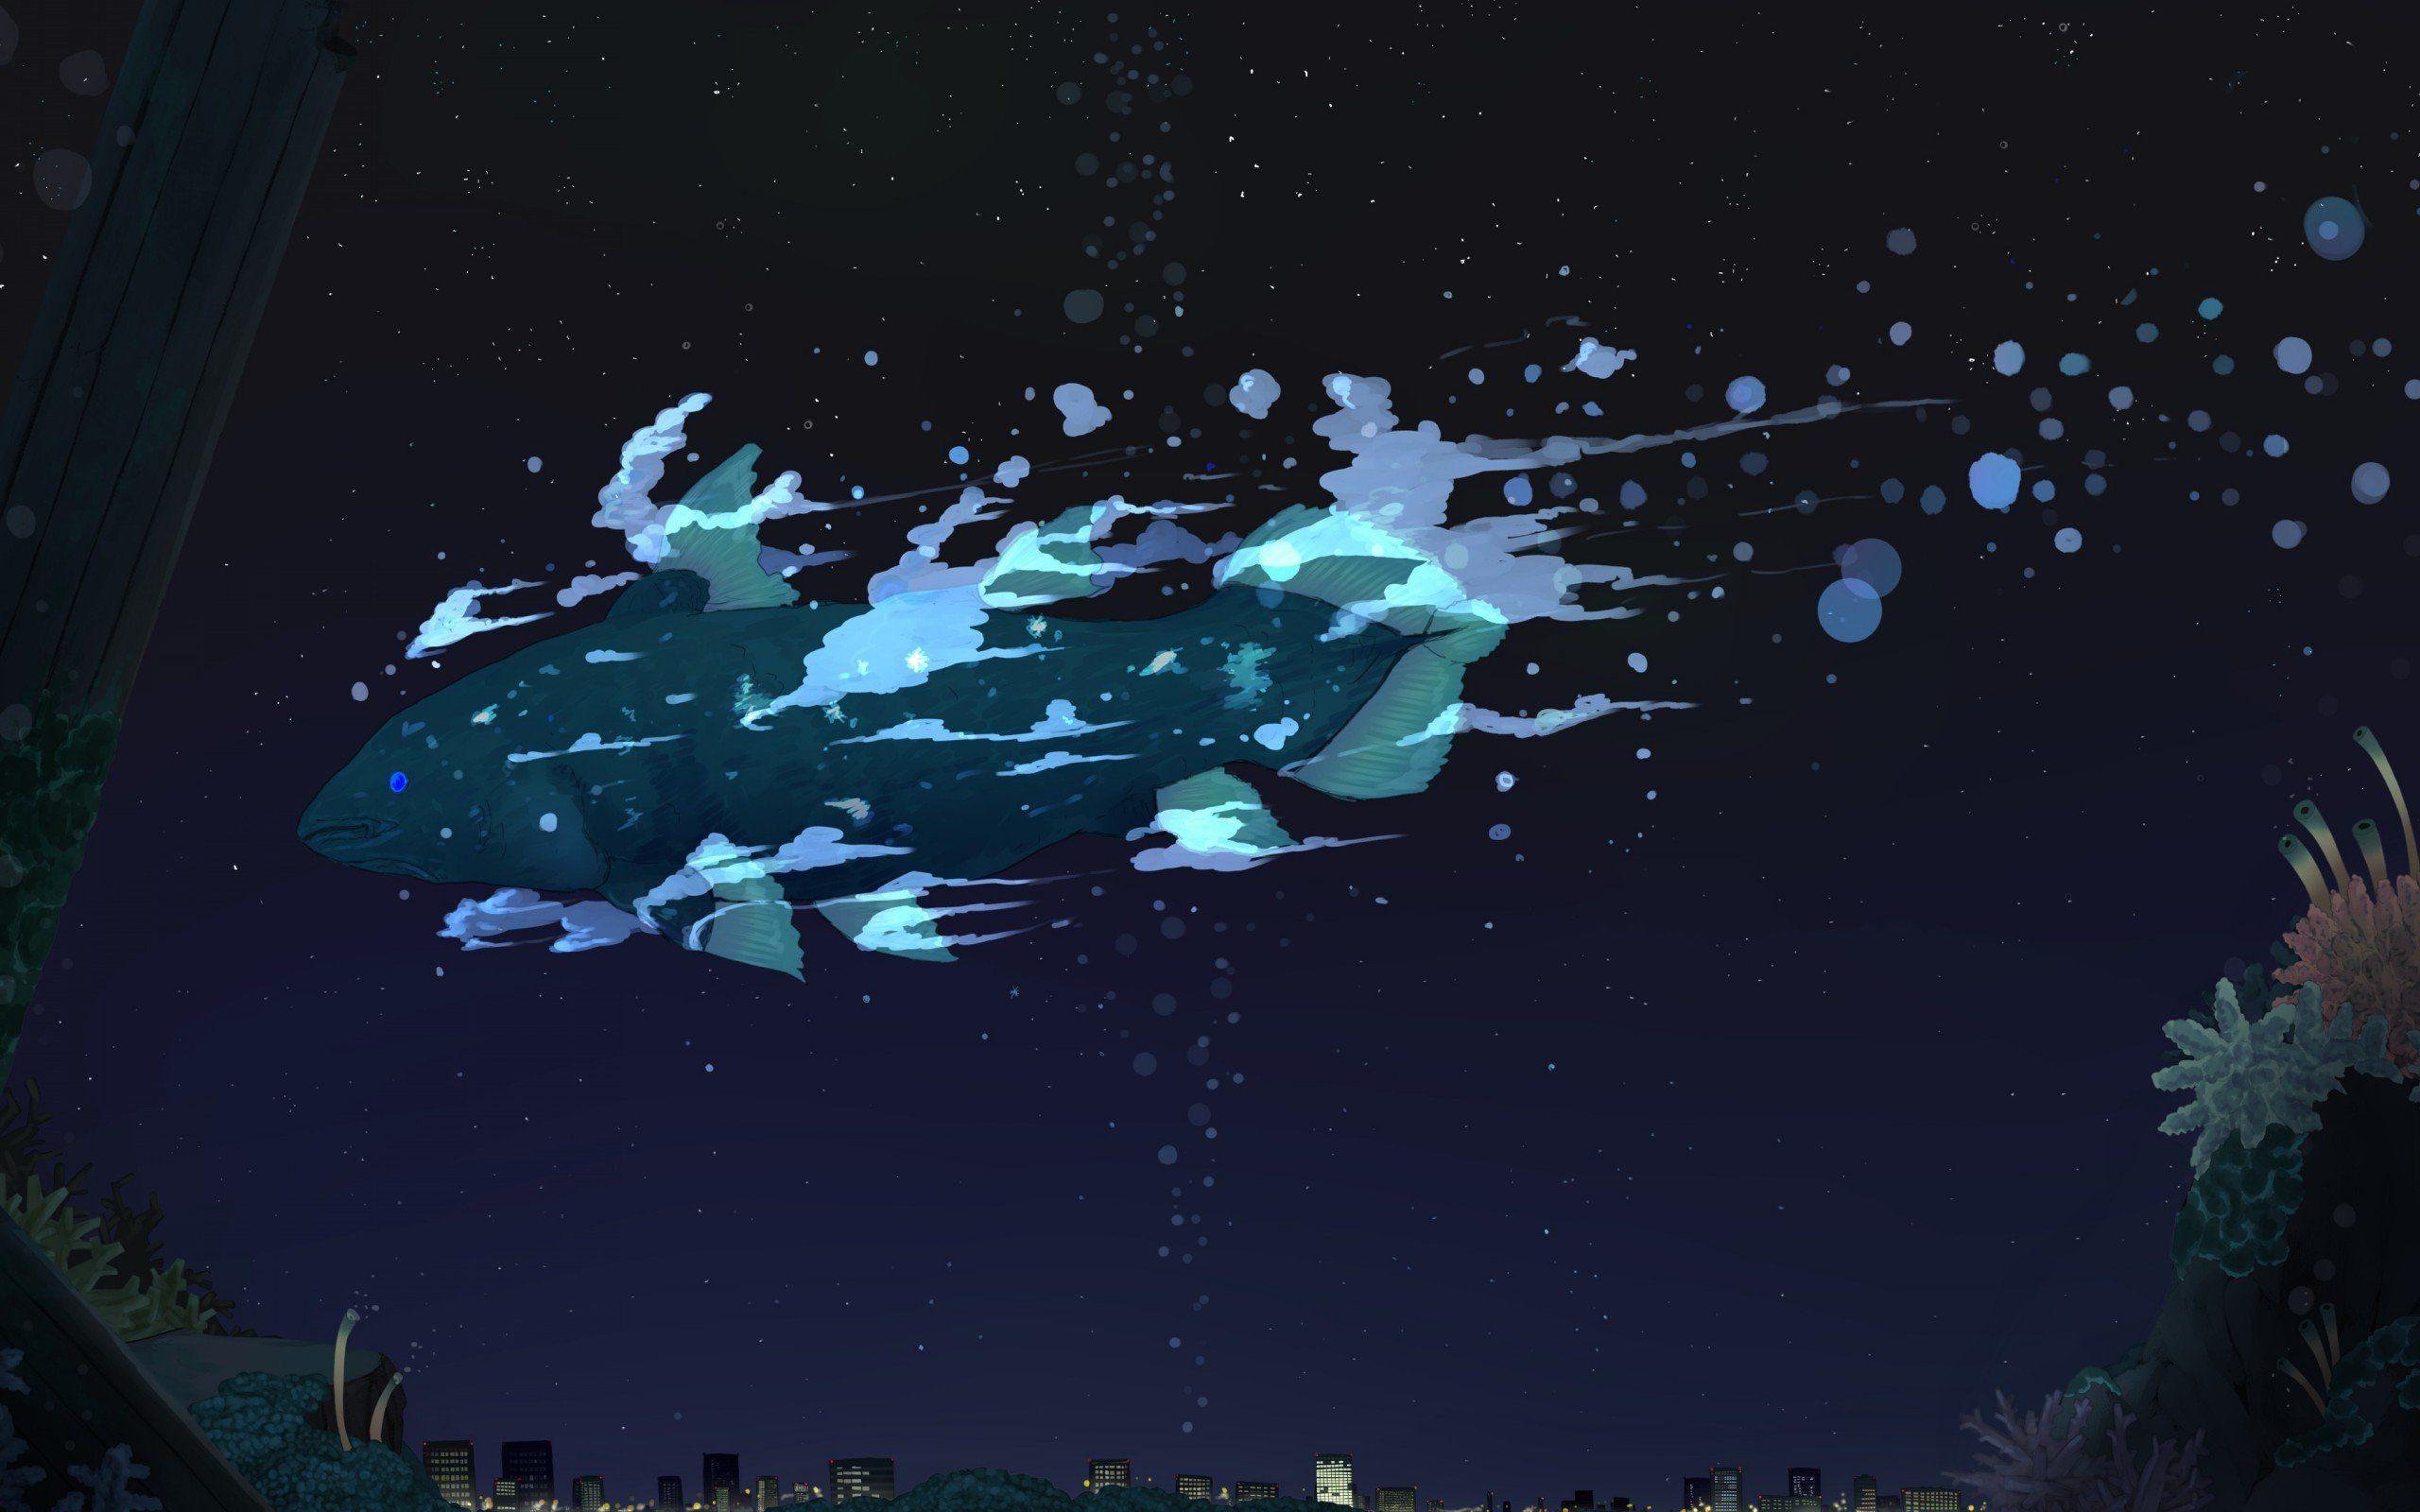 underwater iphone mermaid city wallpaper full hd | wallpapers 4k